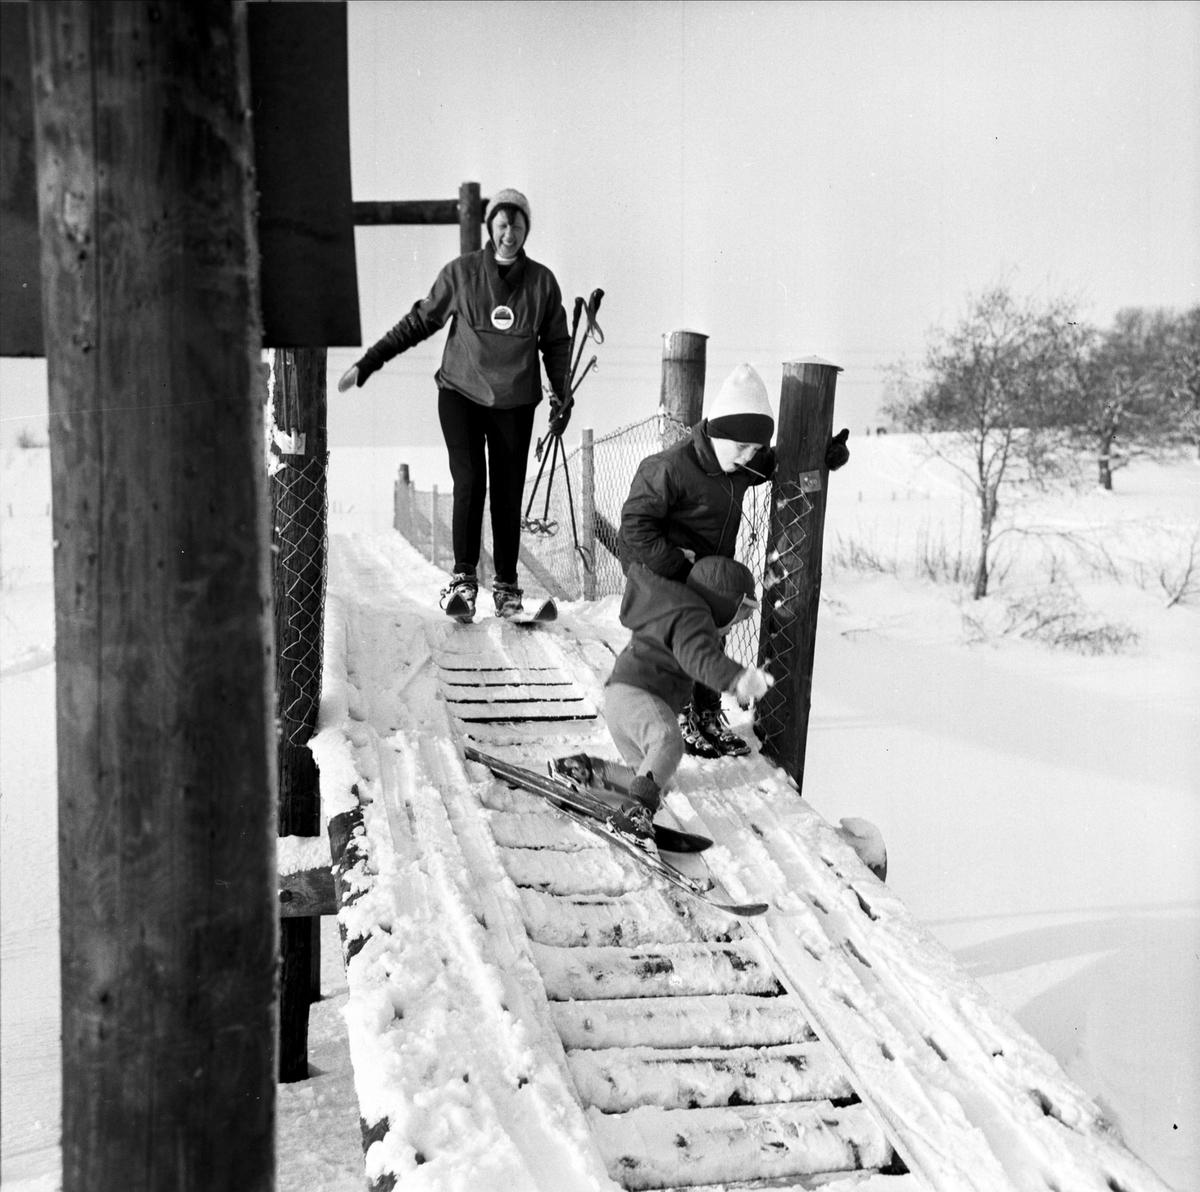 Skidåkare i Torslundabacken, Tierp, Uppland 1967